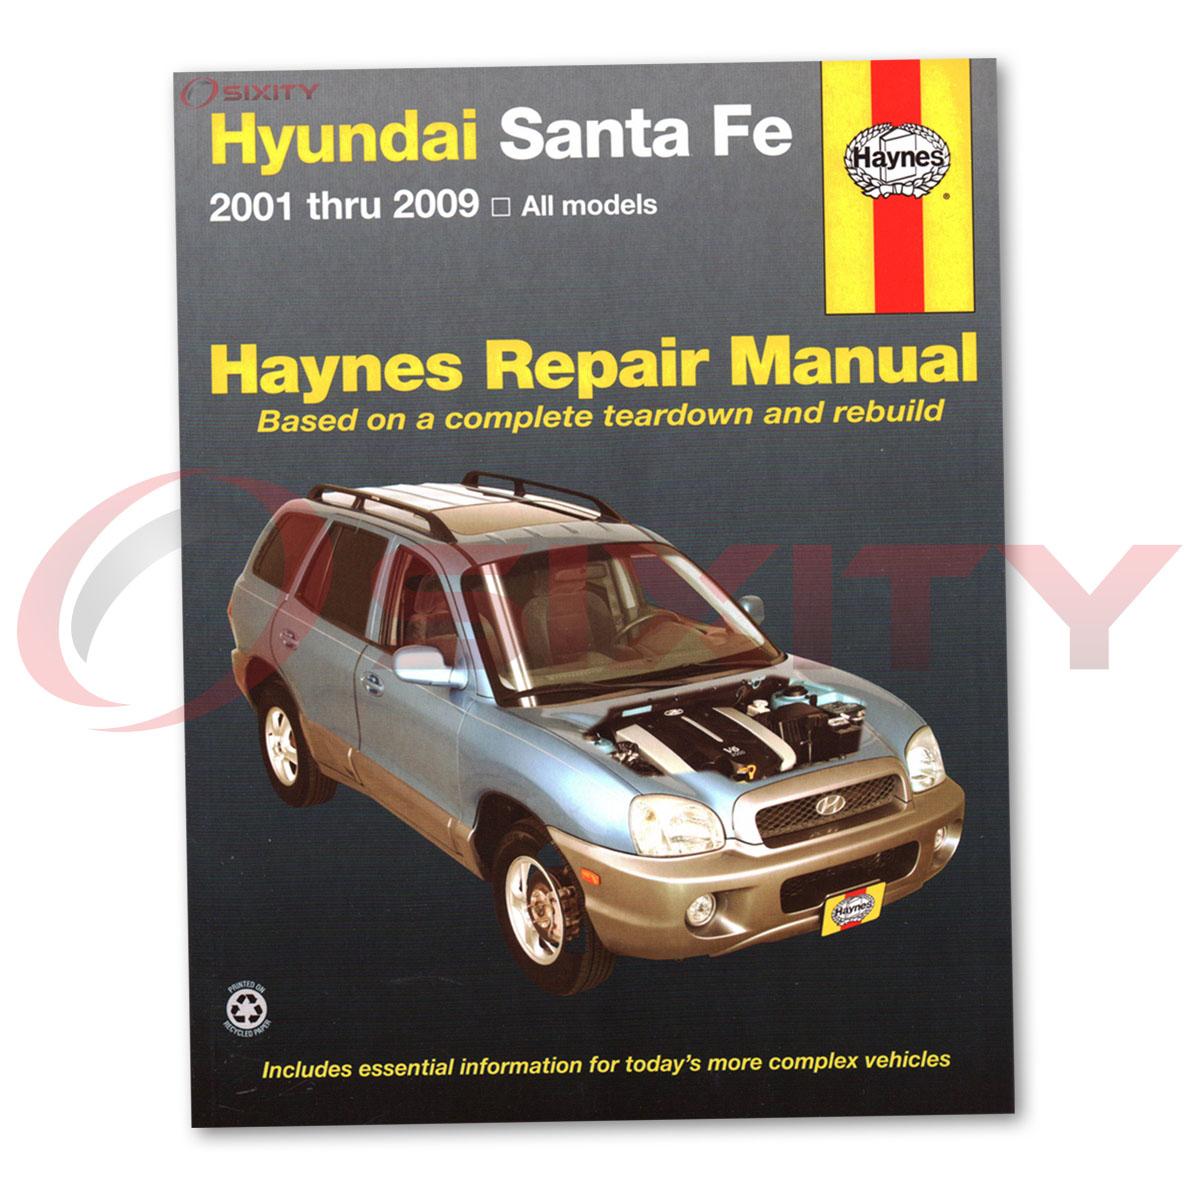 For Hyundai Santa Fe Haynes Repair Manual Gls Lx Base